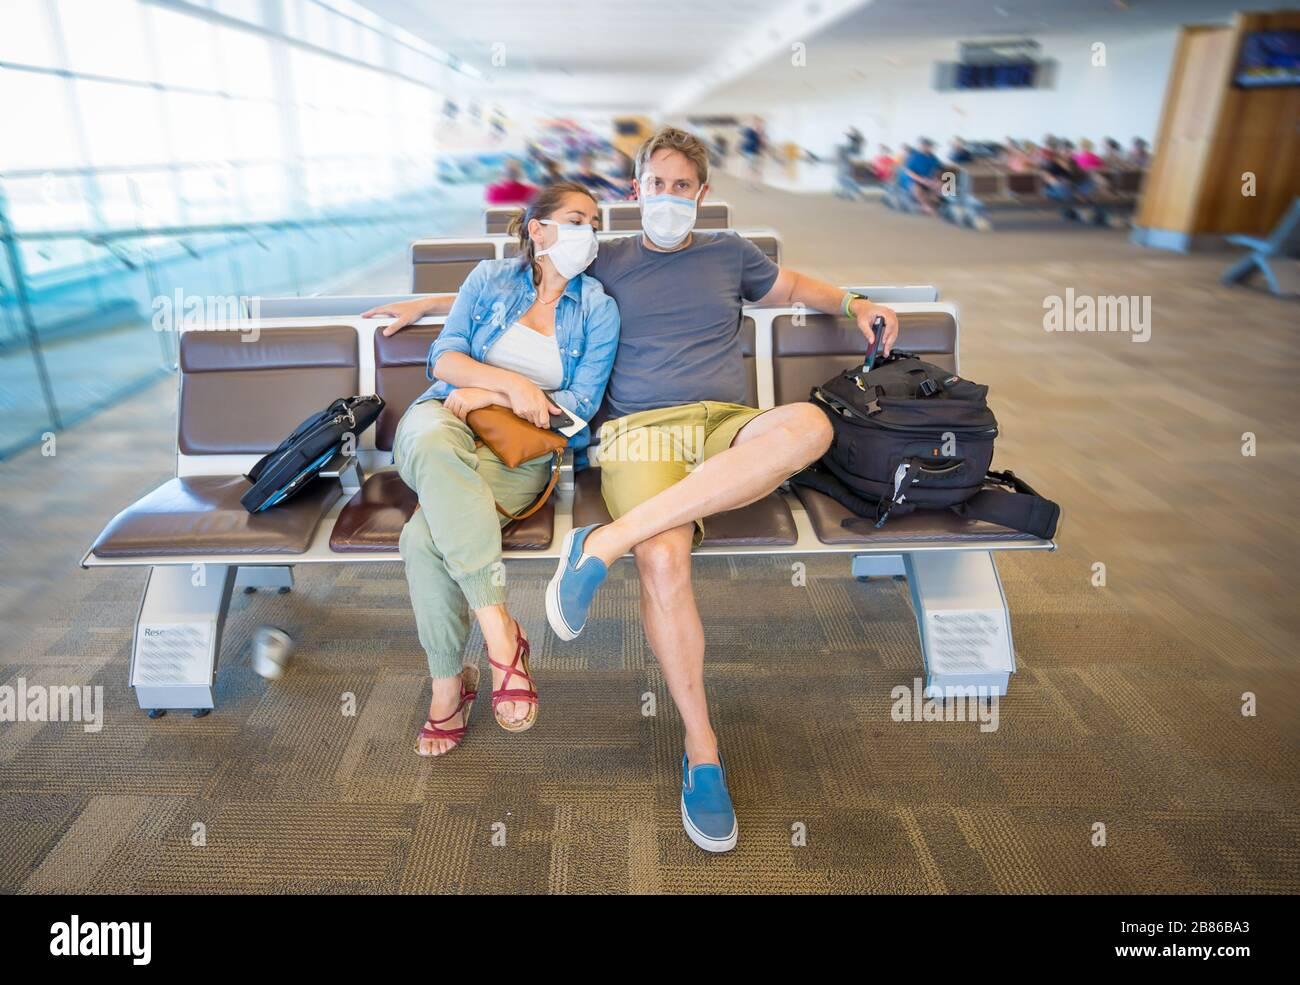 Restricciones de viaje por brote de coronavirus. Los viajeros con máscara en el aeropuerto internacional afectados por las cancelaciones de vuelos y la prohibición de viajar. COVID-19 Foto de stock